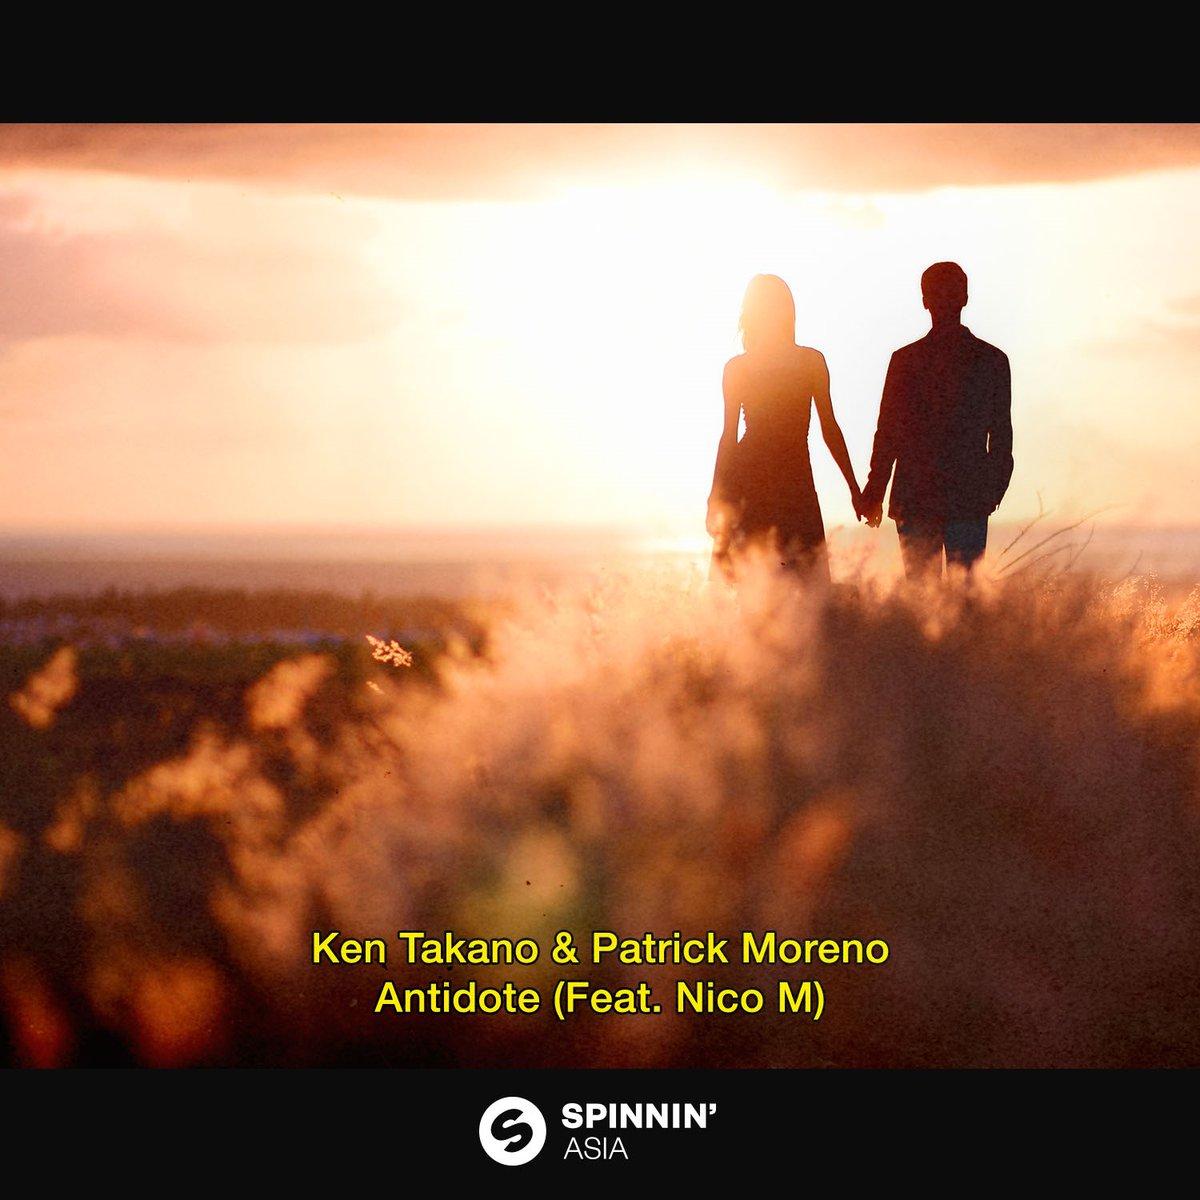 日本人初!KEN TAKANOが世界最大EDMレーベルSpinnin' Recordsのアジア代表アーティストに大抜擢!1月17日世界デビ...